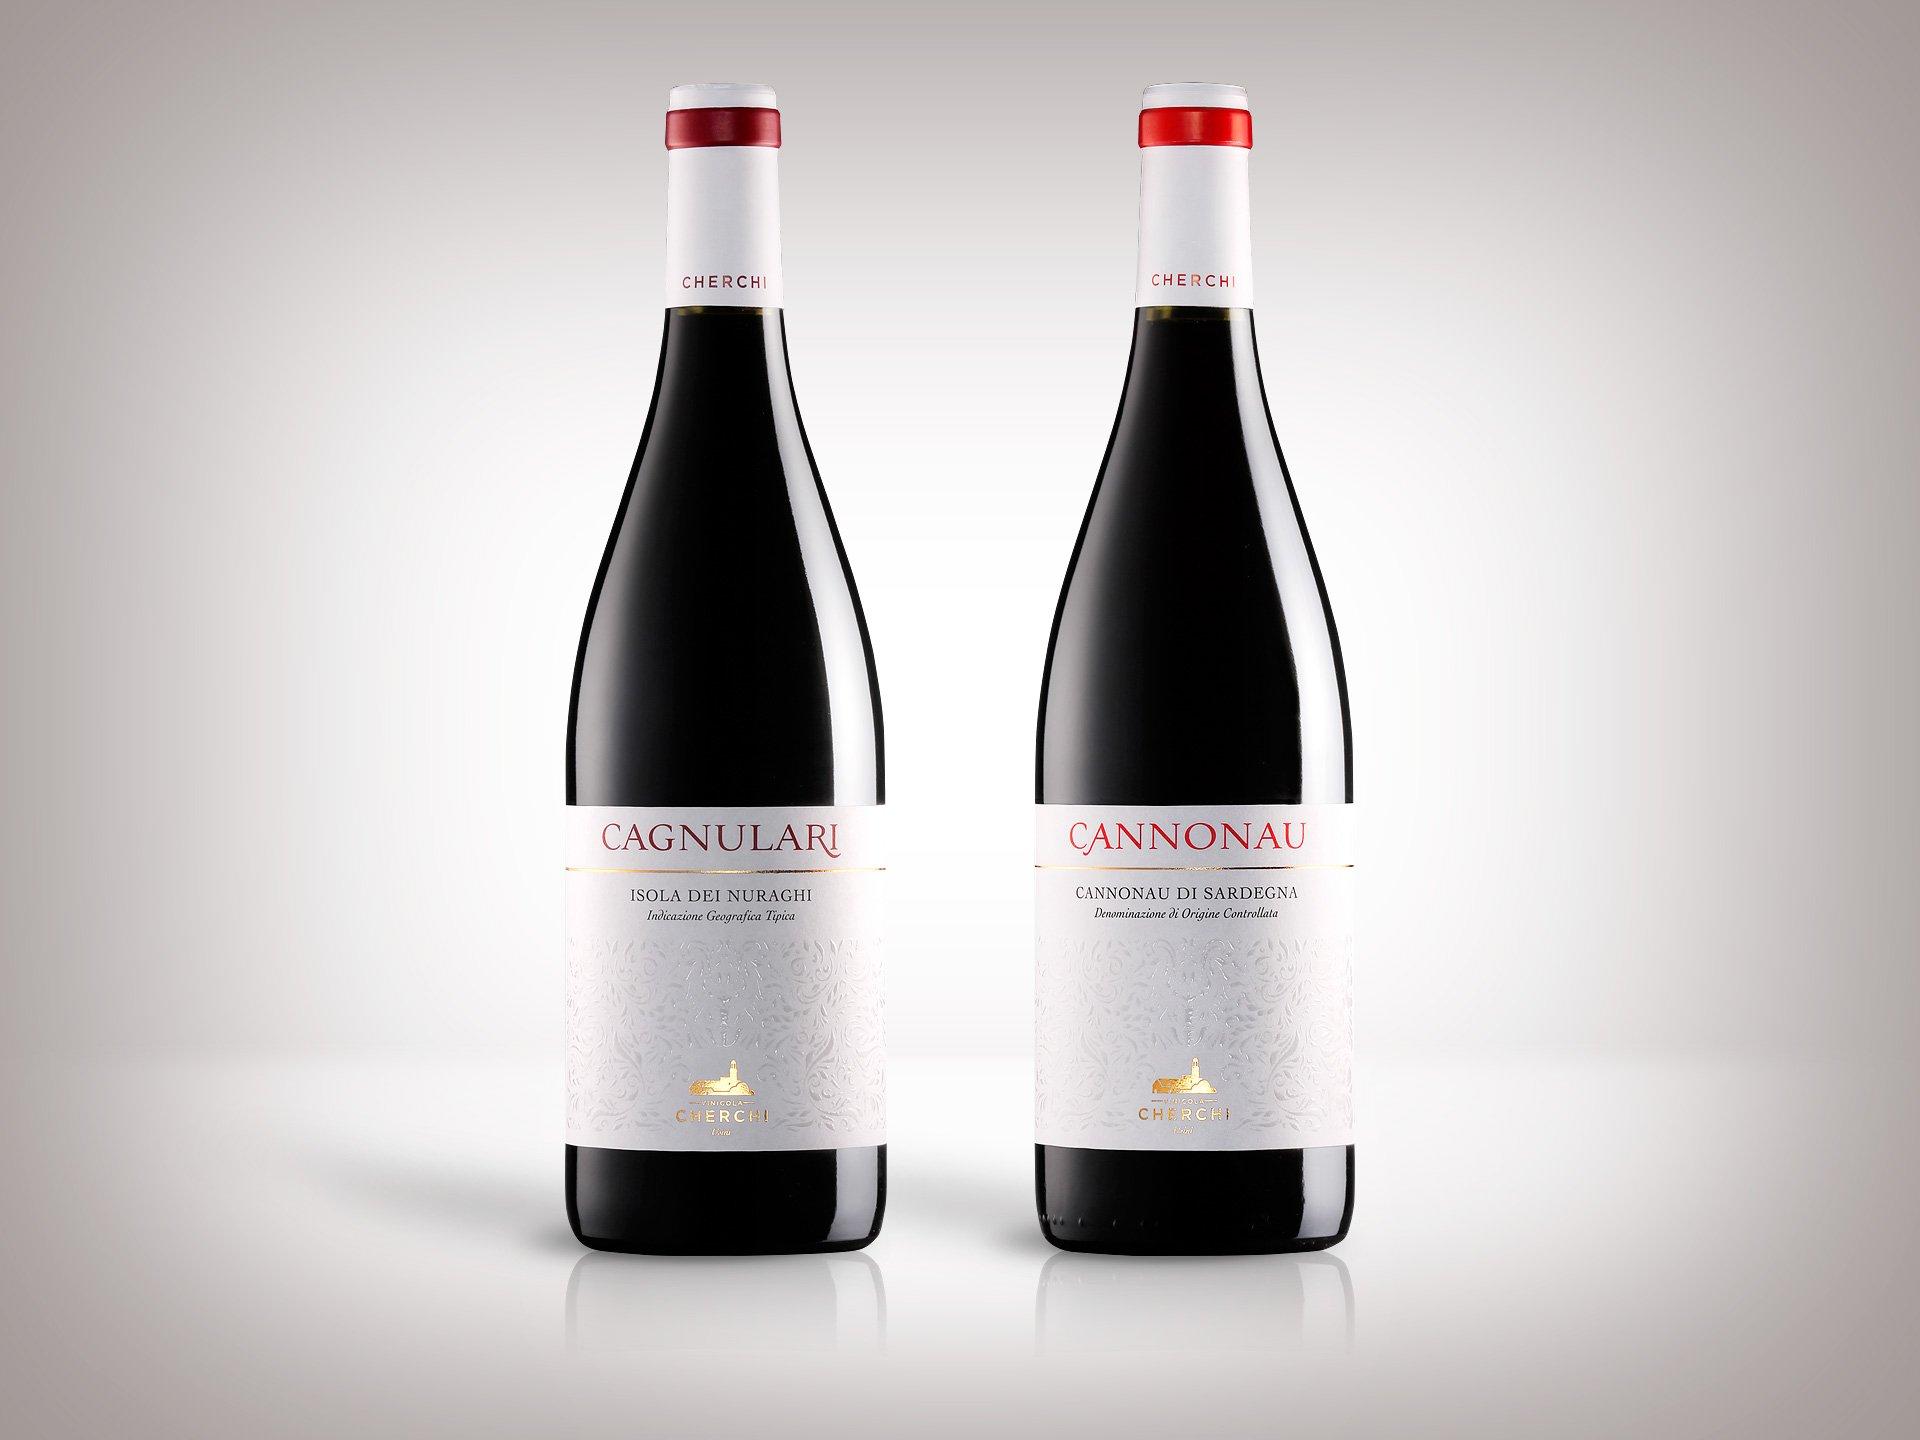 Restyling etichette vini Cagnulari e Cannonau Vinicola Cherchi